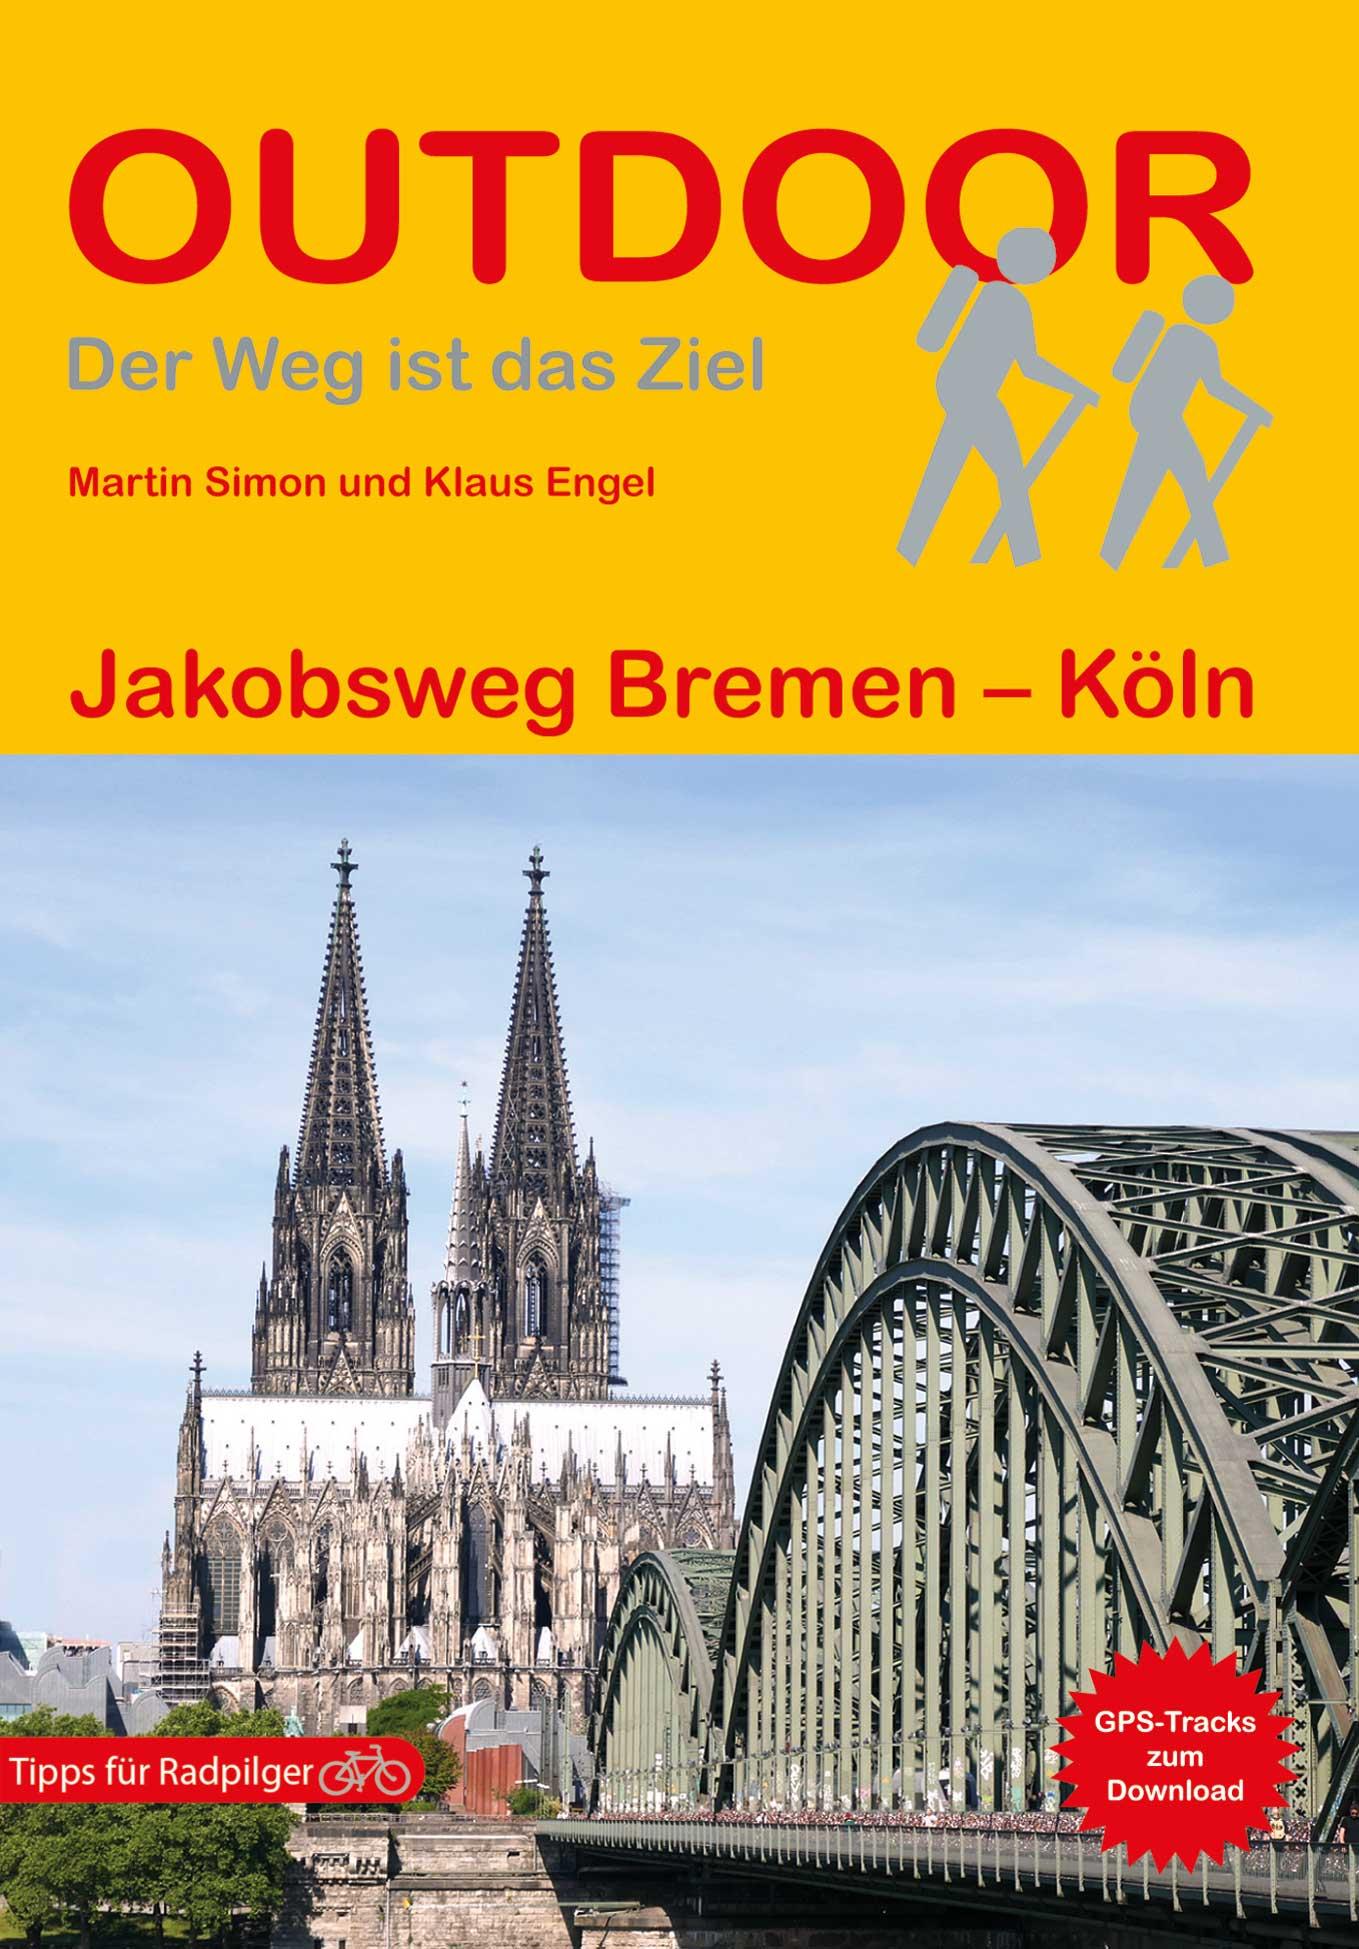 Jakobsweg Bremen - Köln